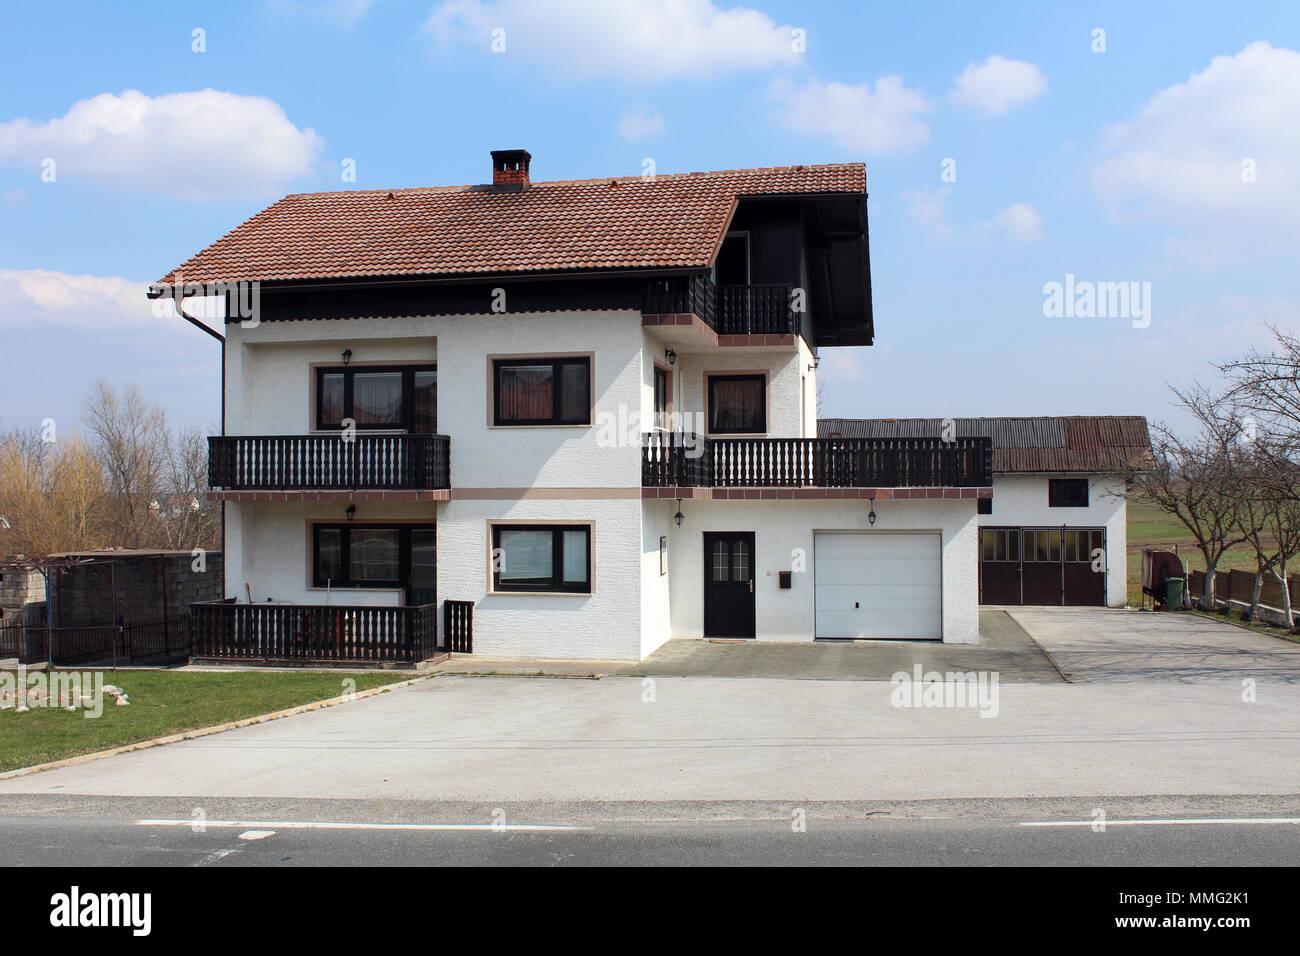 Suburban Familie Weisse Haus Mit Schwarzen Alten Holzernen Zaun